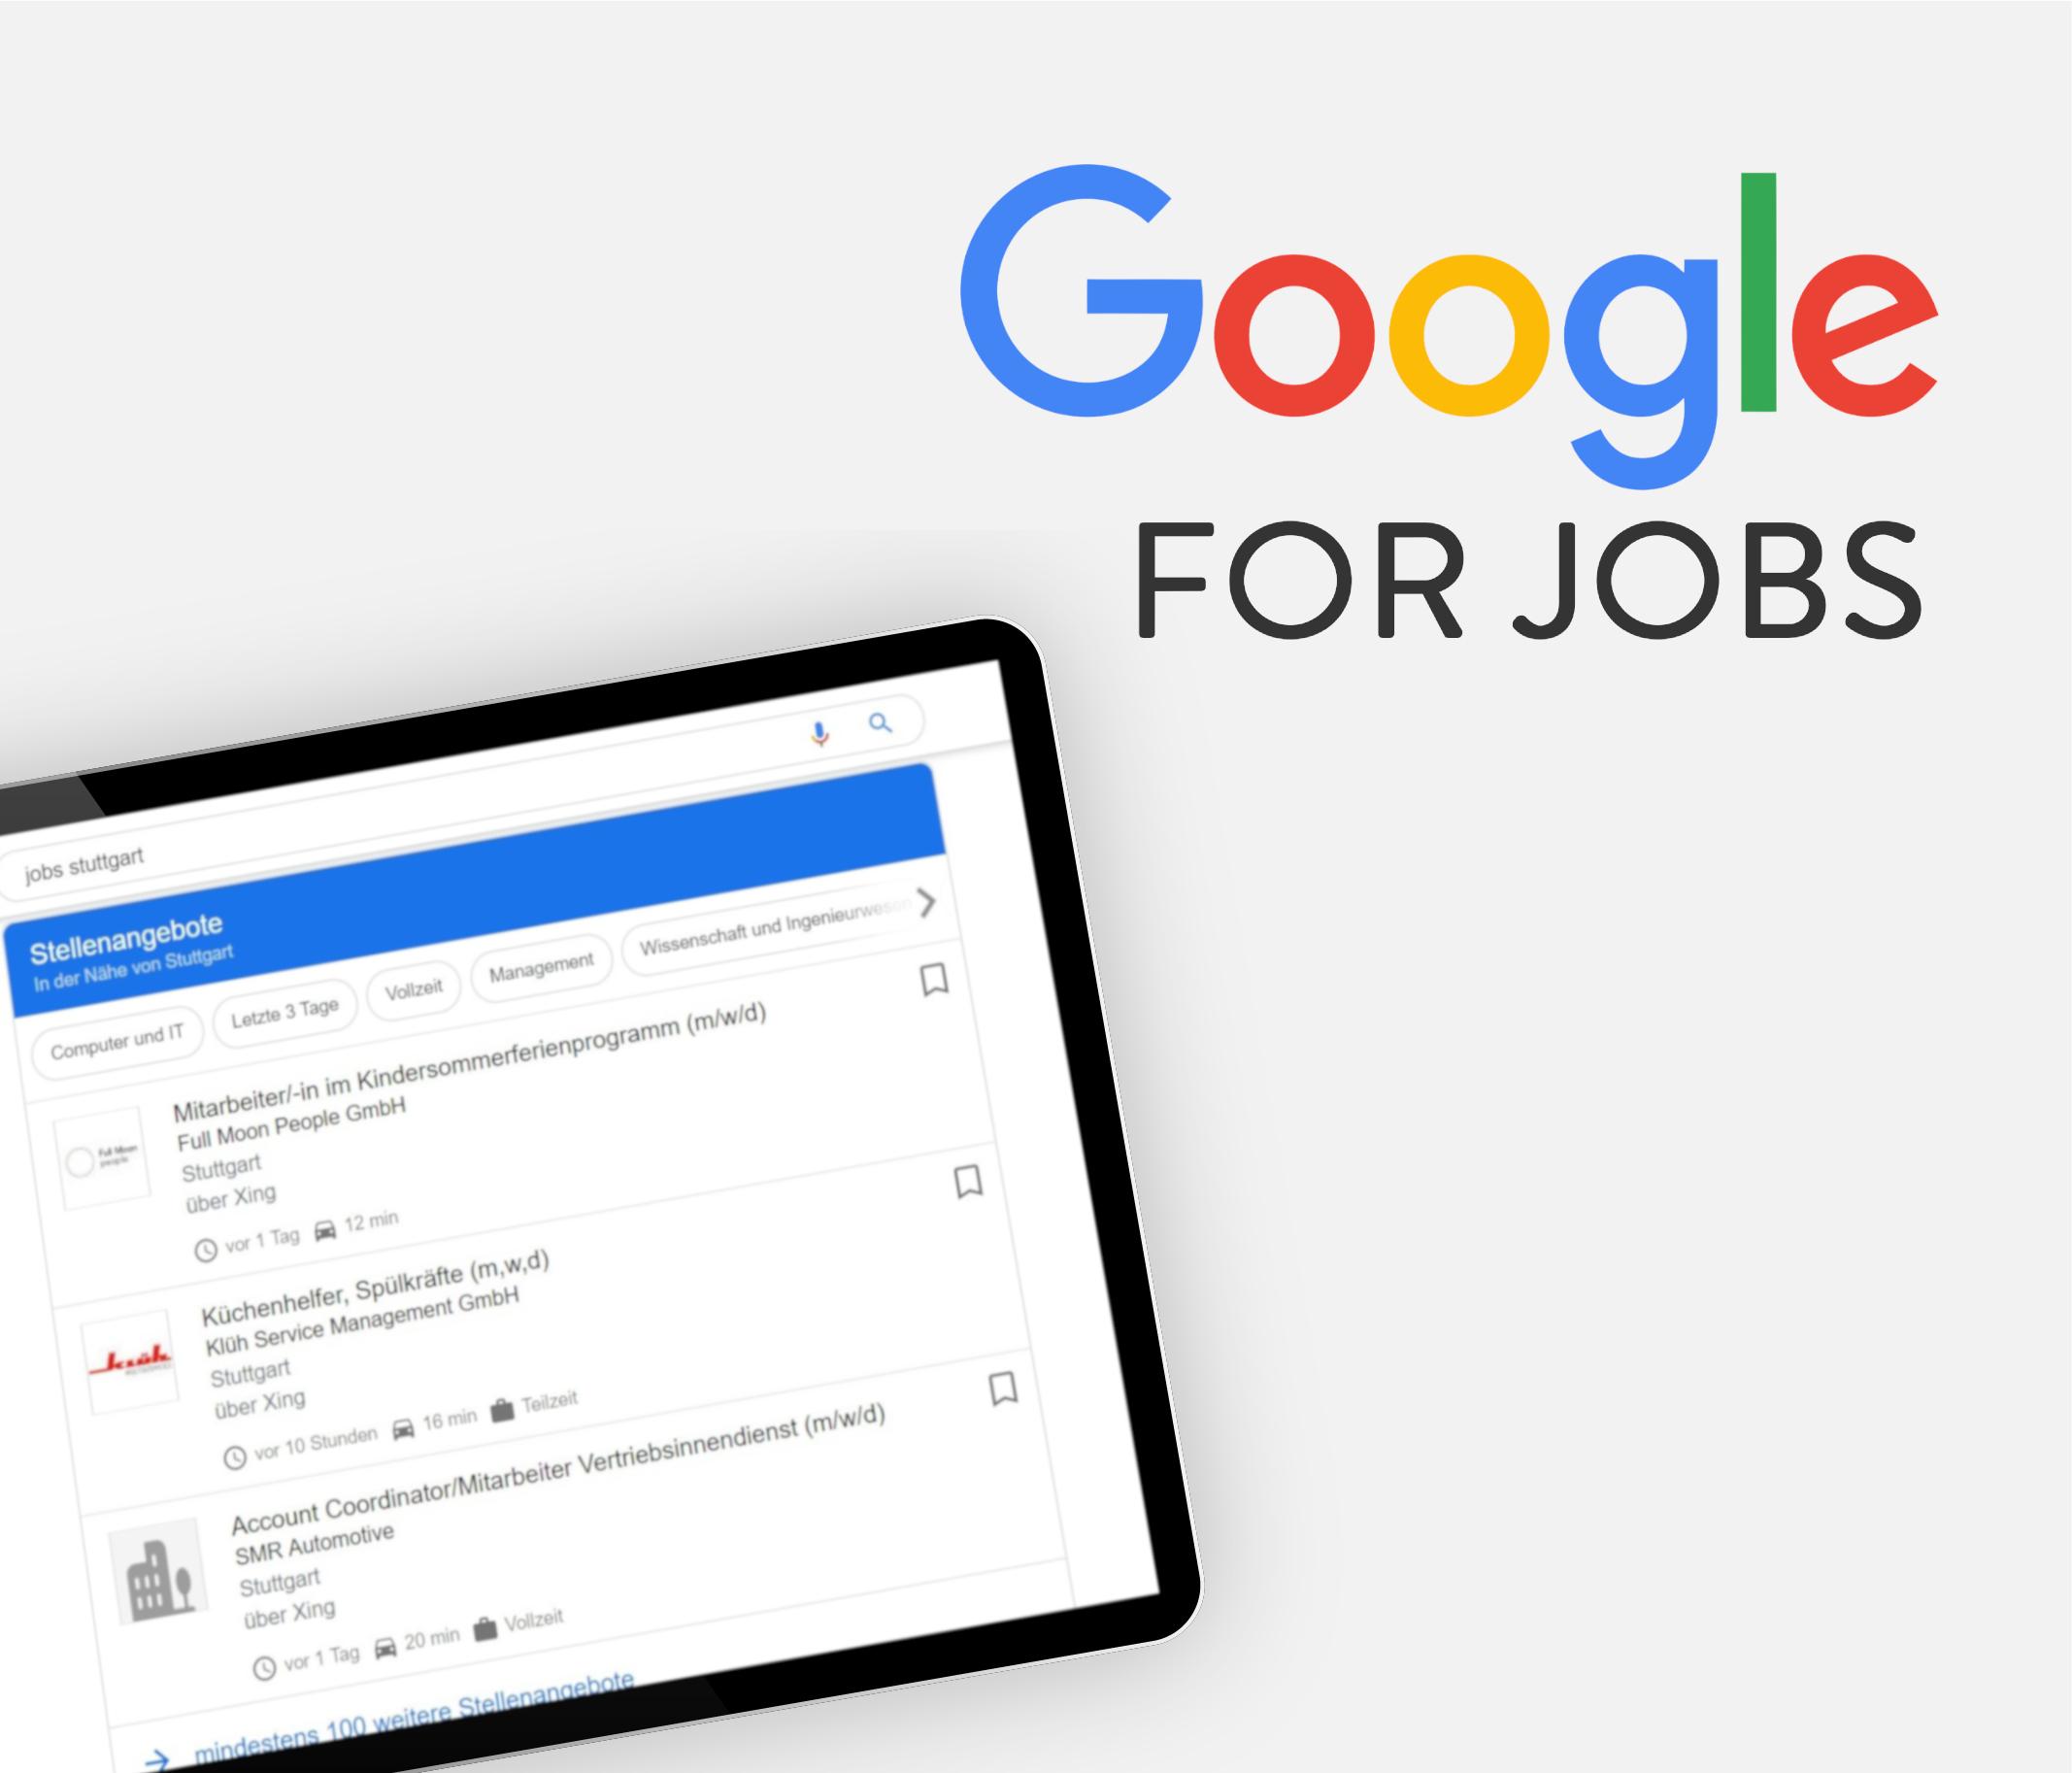 jobs in der nähe